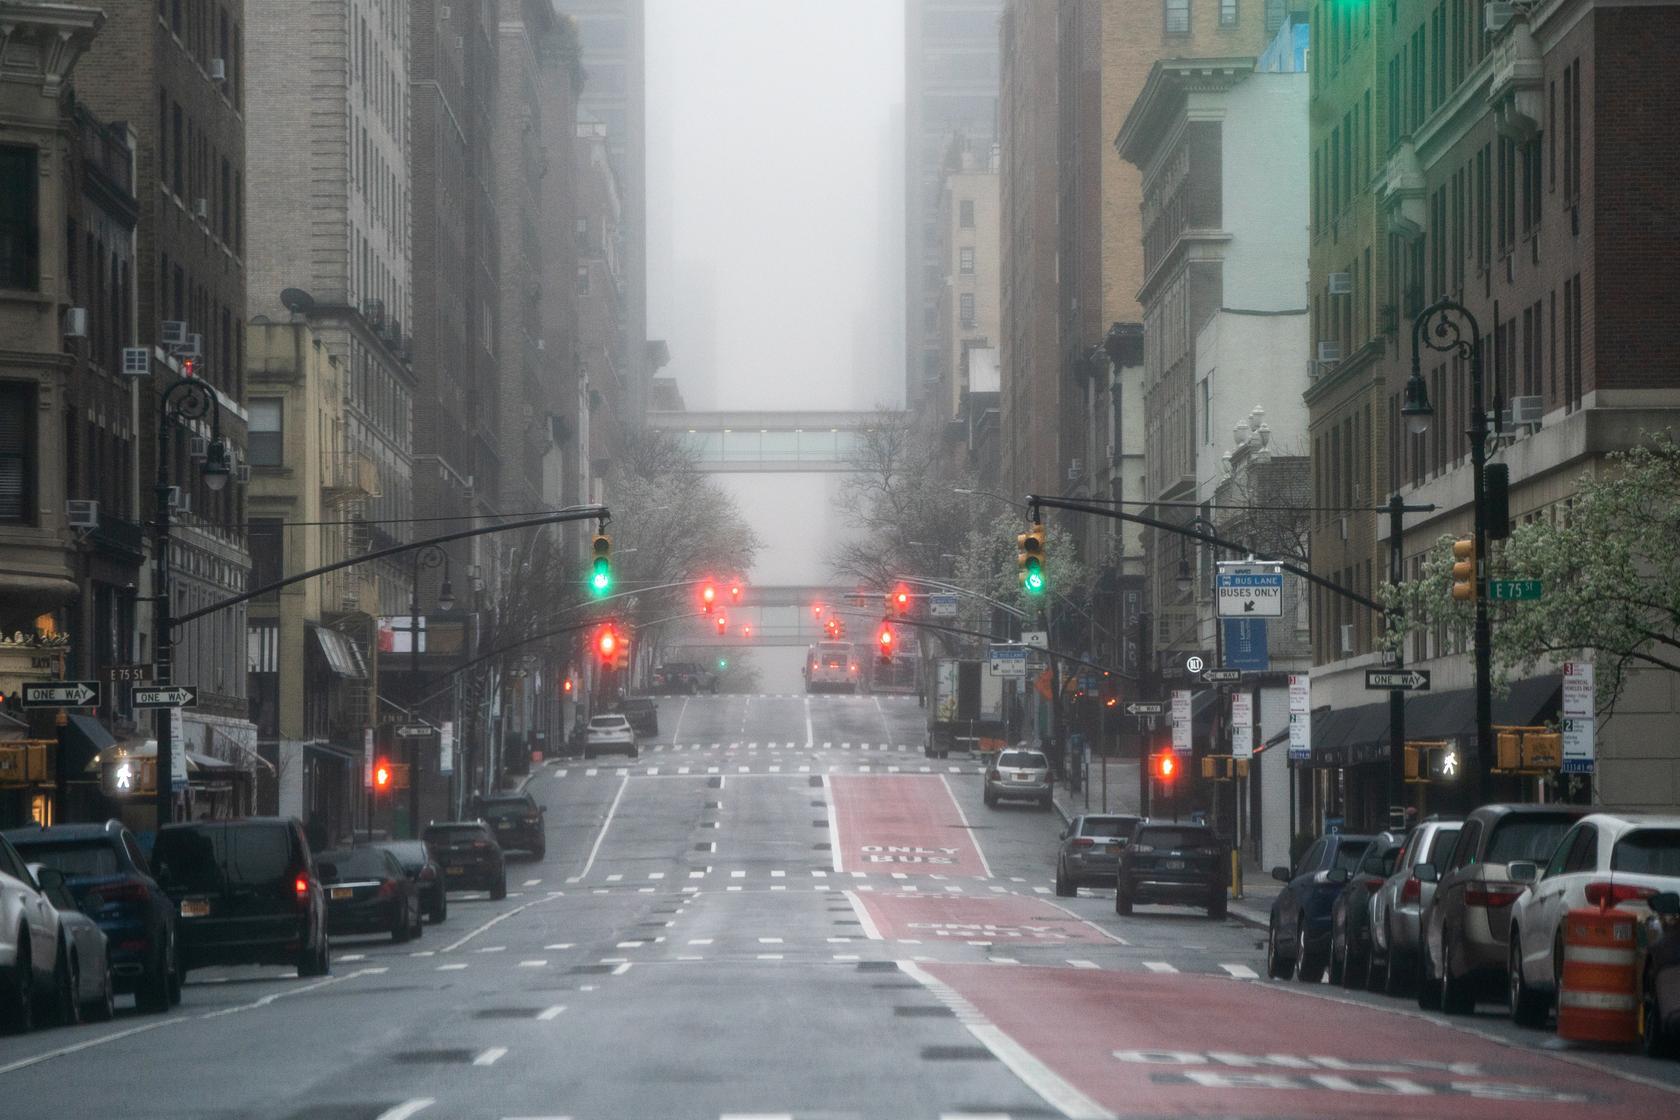 Празне улице Њујорка због вируса COVID-19, 29. март 2020. (Фото: REUTERS/Jeenah Moon)